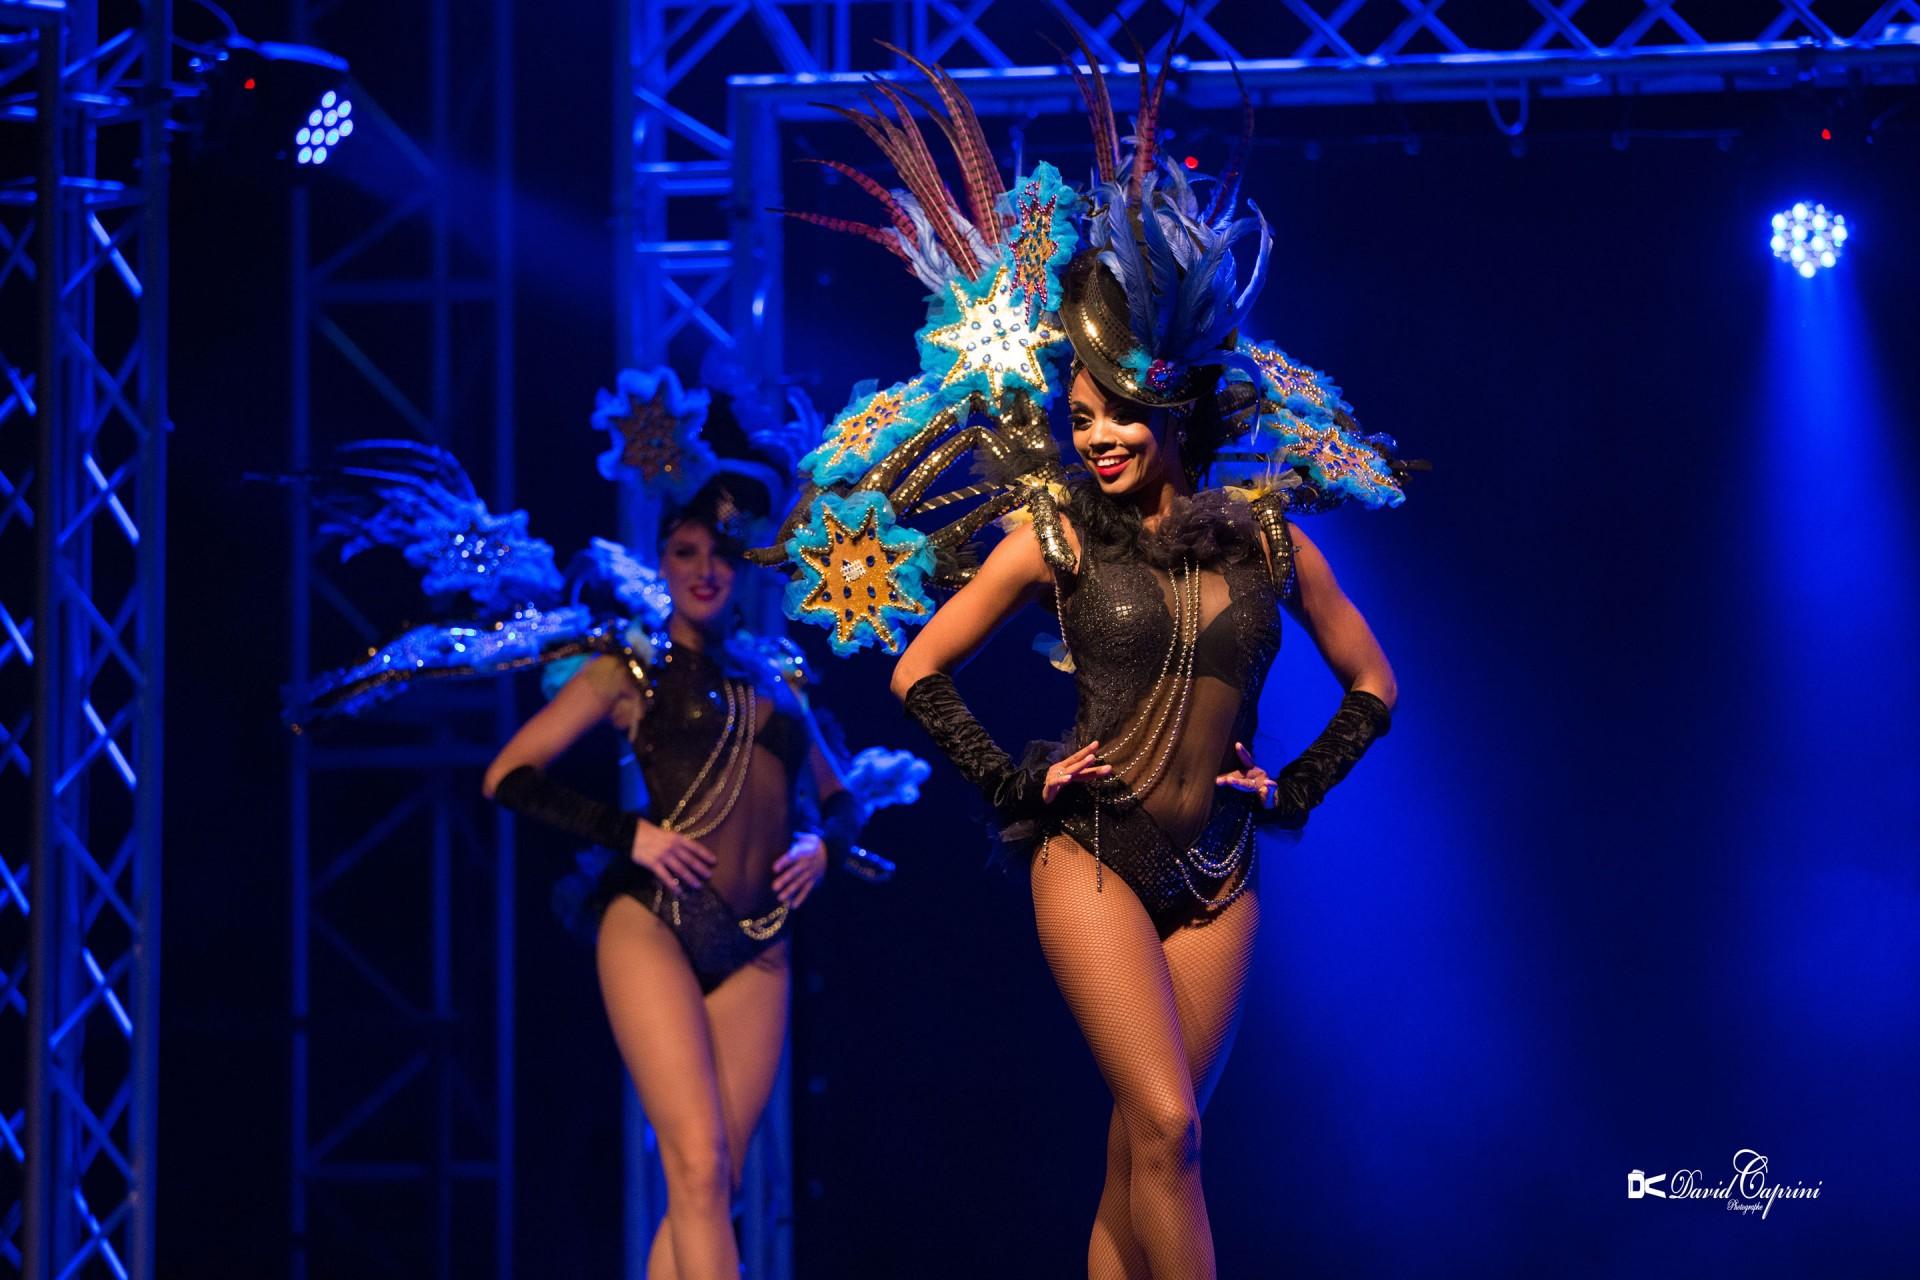 """Notre superbe spectacle de Cabaret Moderne """"ÉVASION"""" à Sainte-Maxime en cette magnifique saison d'été qui s'annonce pleine de succès."""